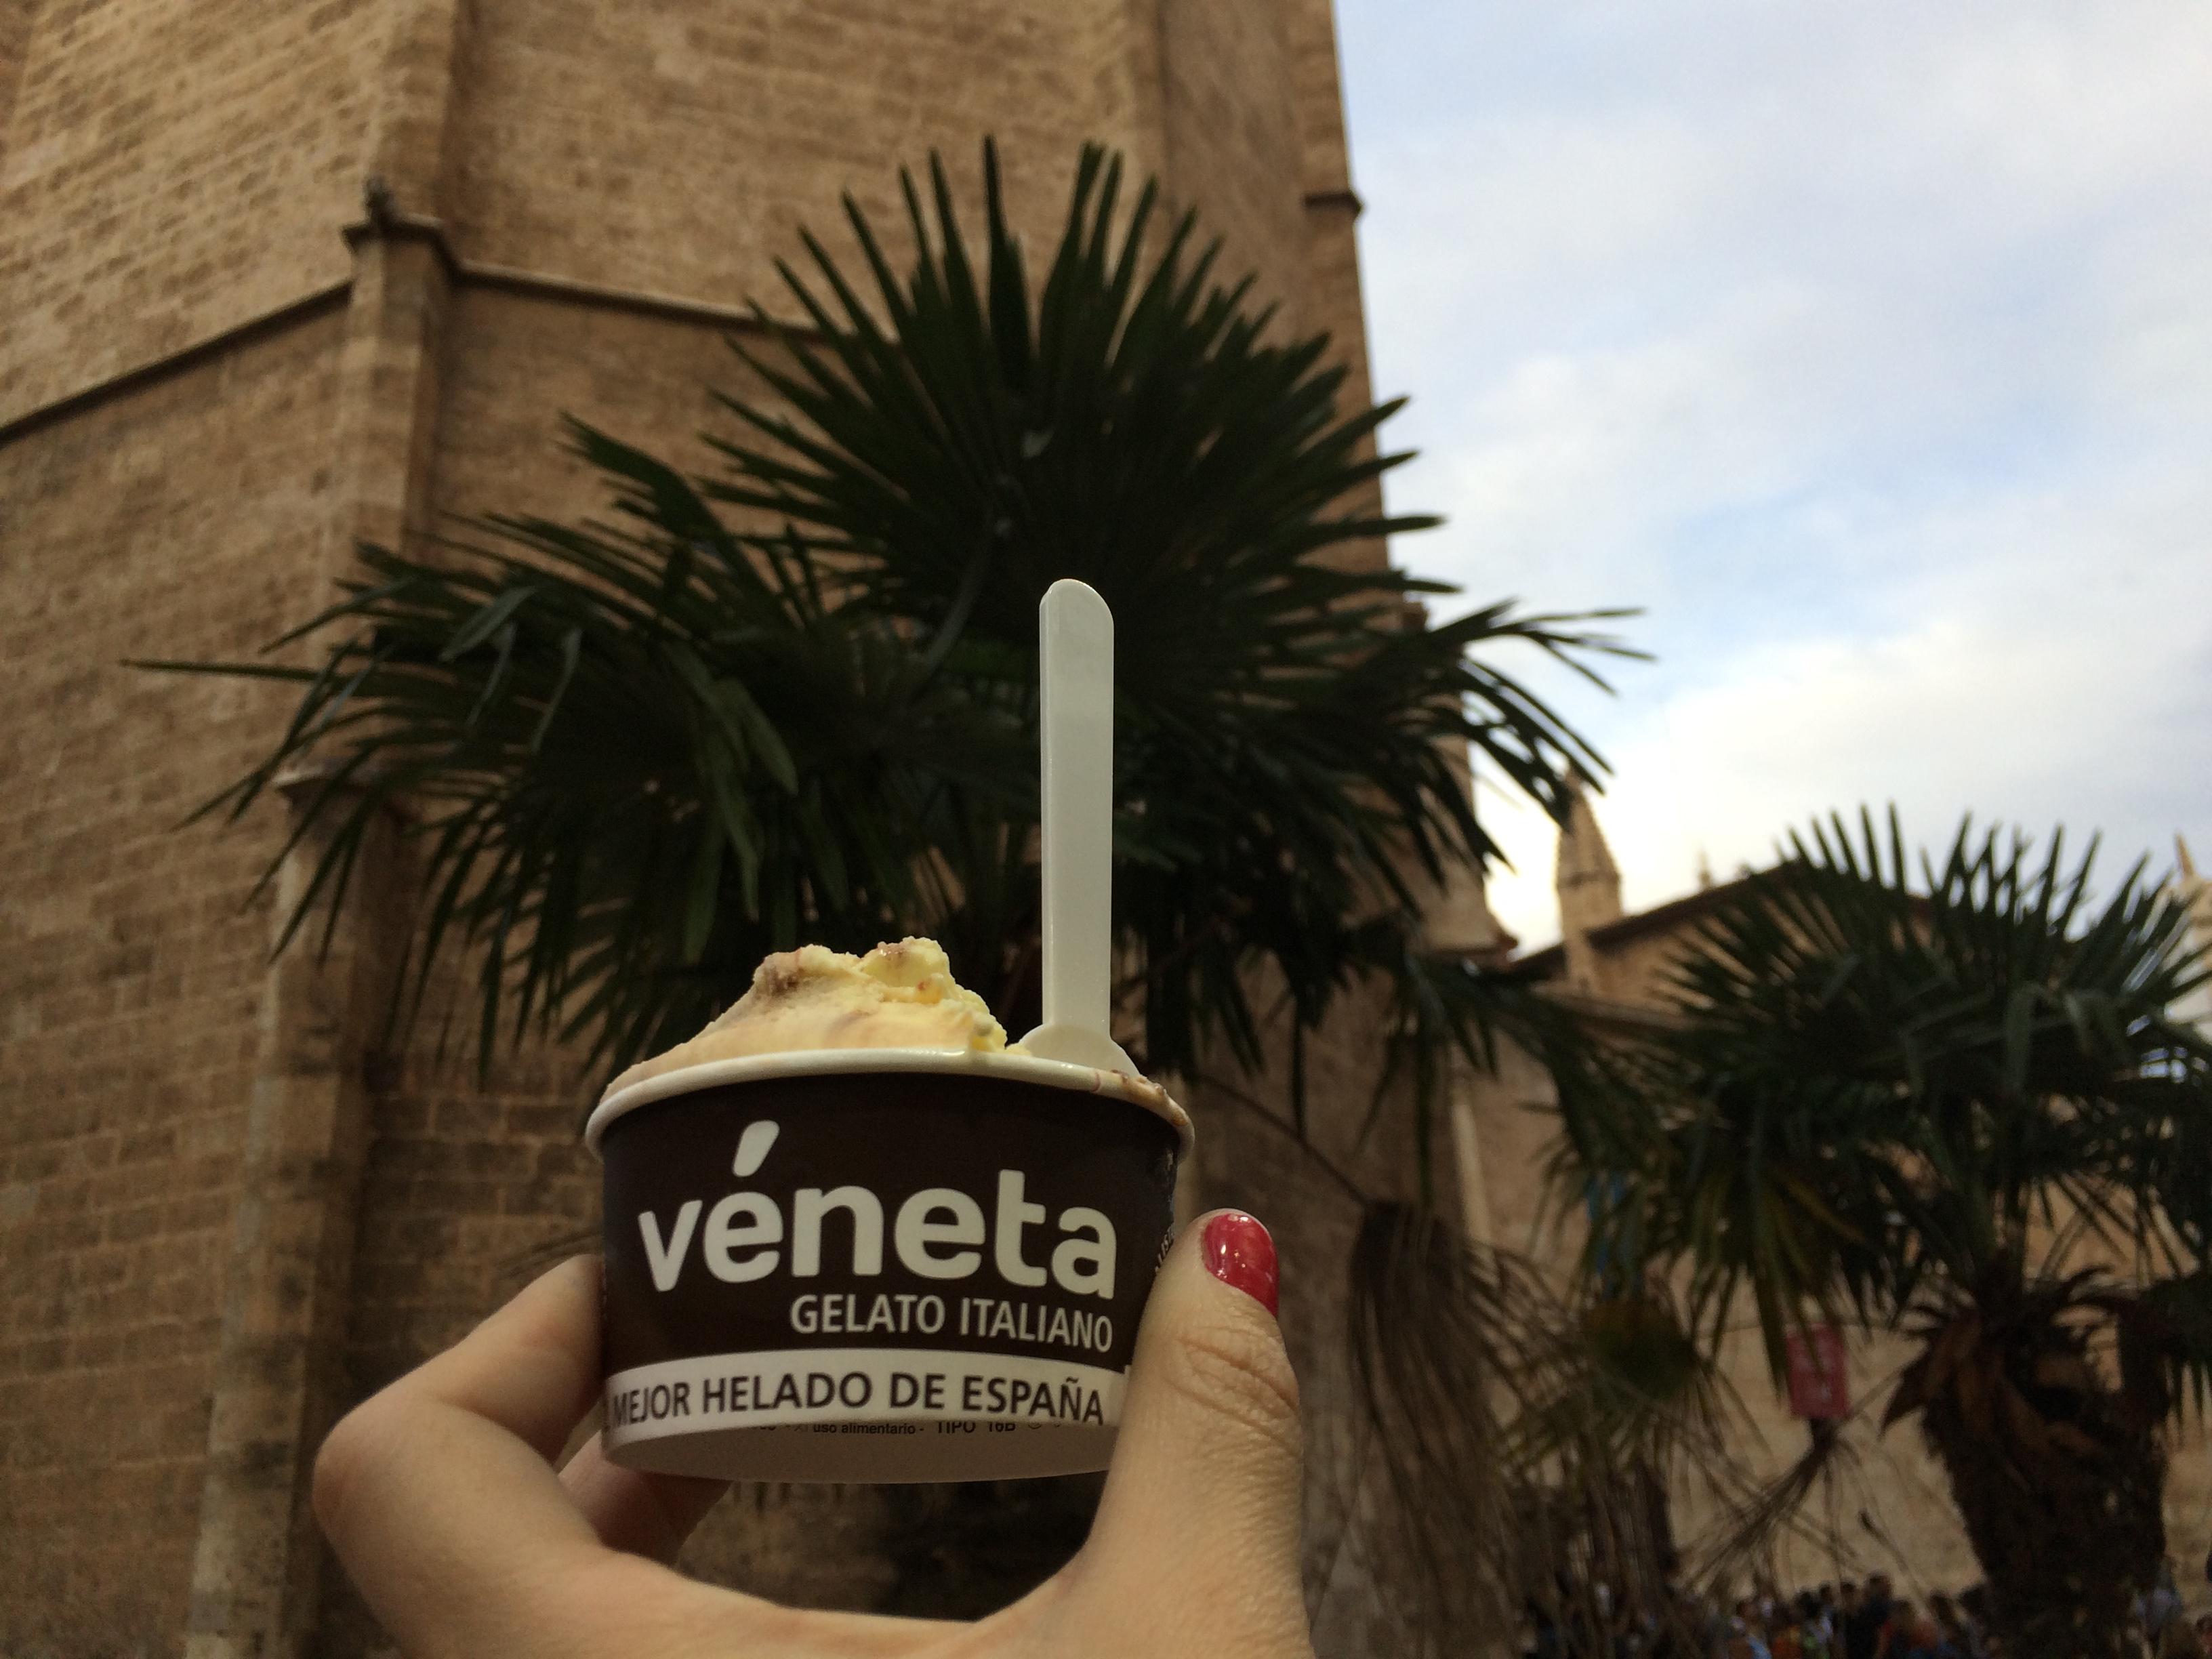 veneta ice cream